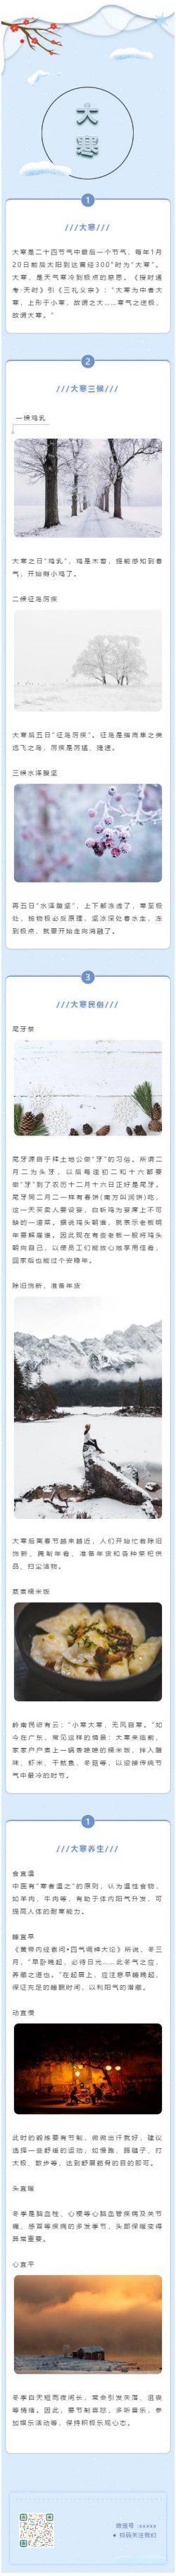 大寒二十四节气大雪微信公众号推送图文推文素材